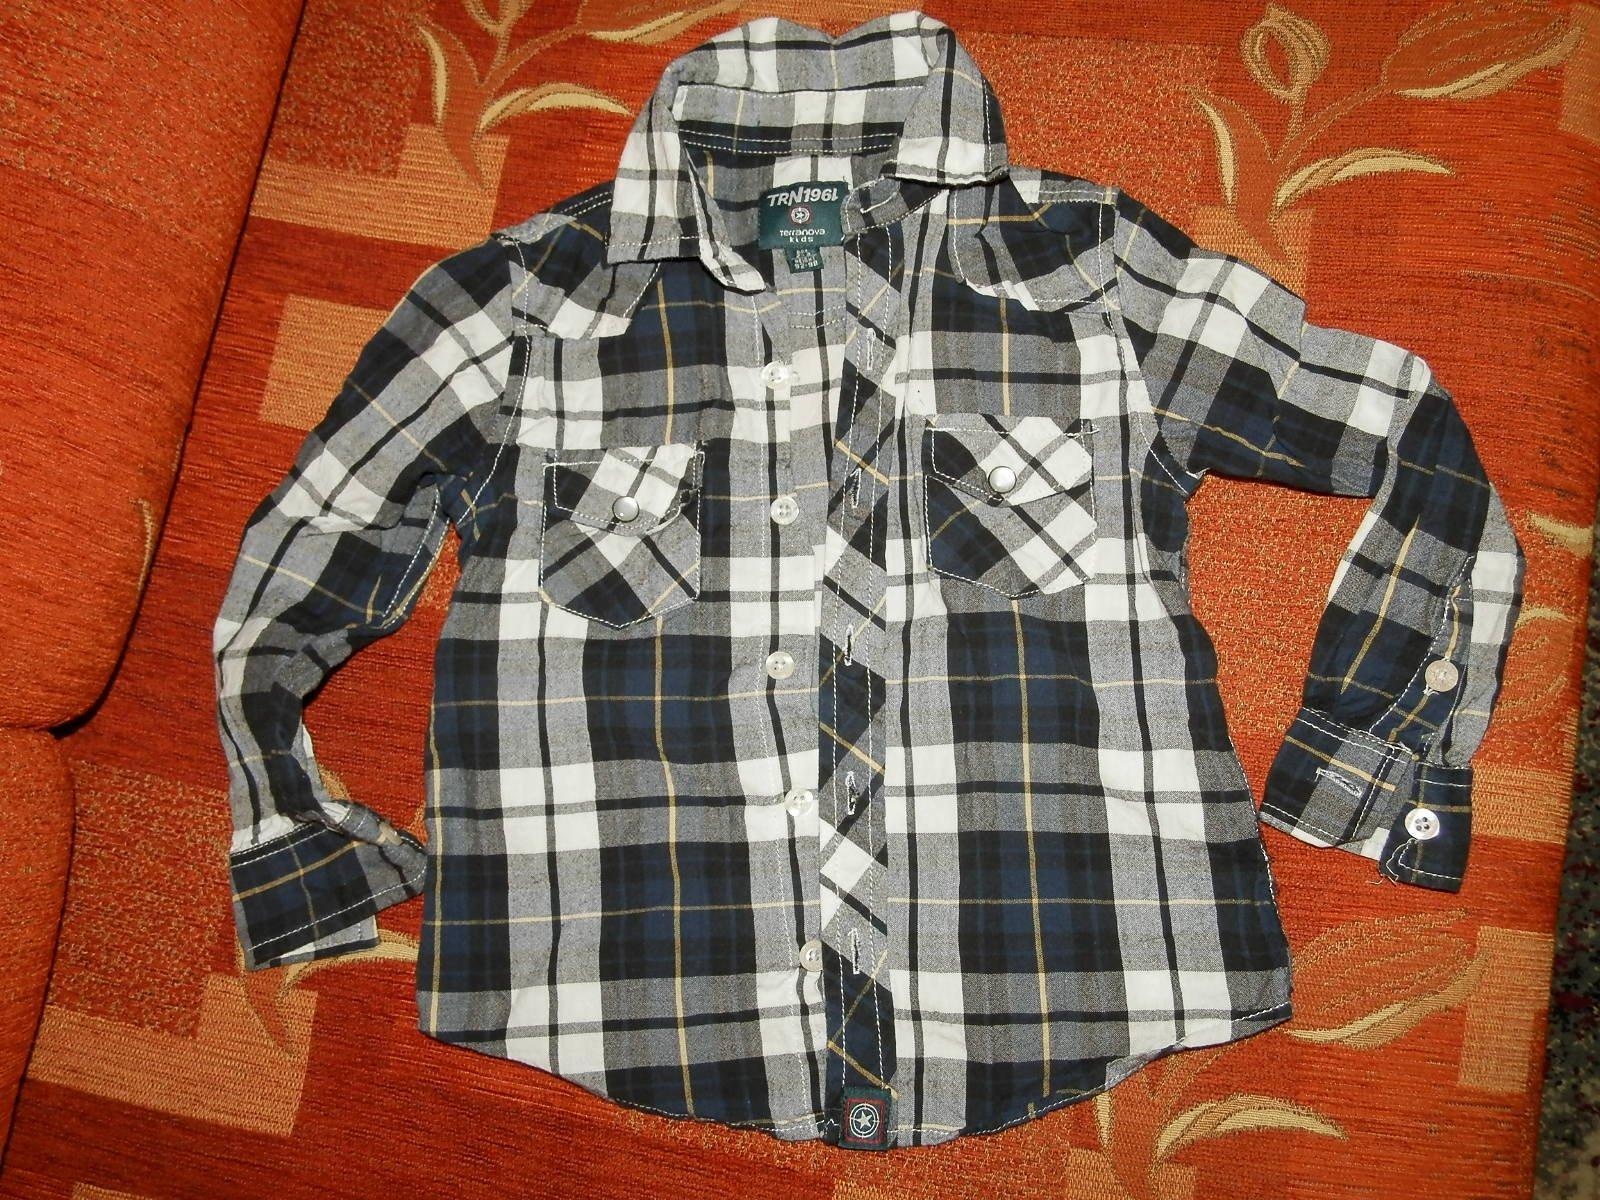 Terranova košeľa 2-3r. - Obrázok č. 1